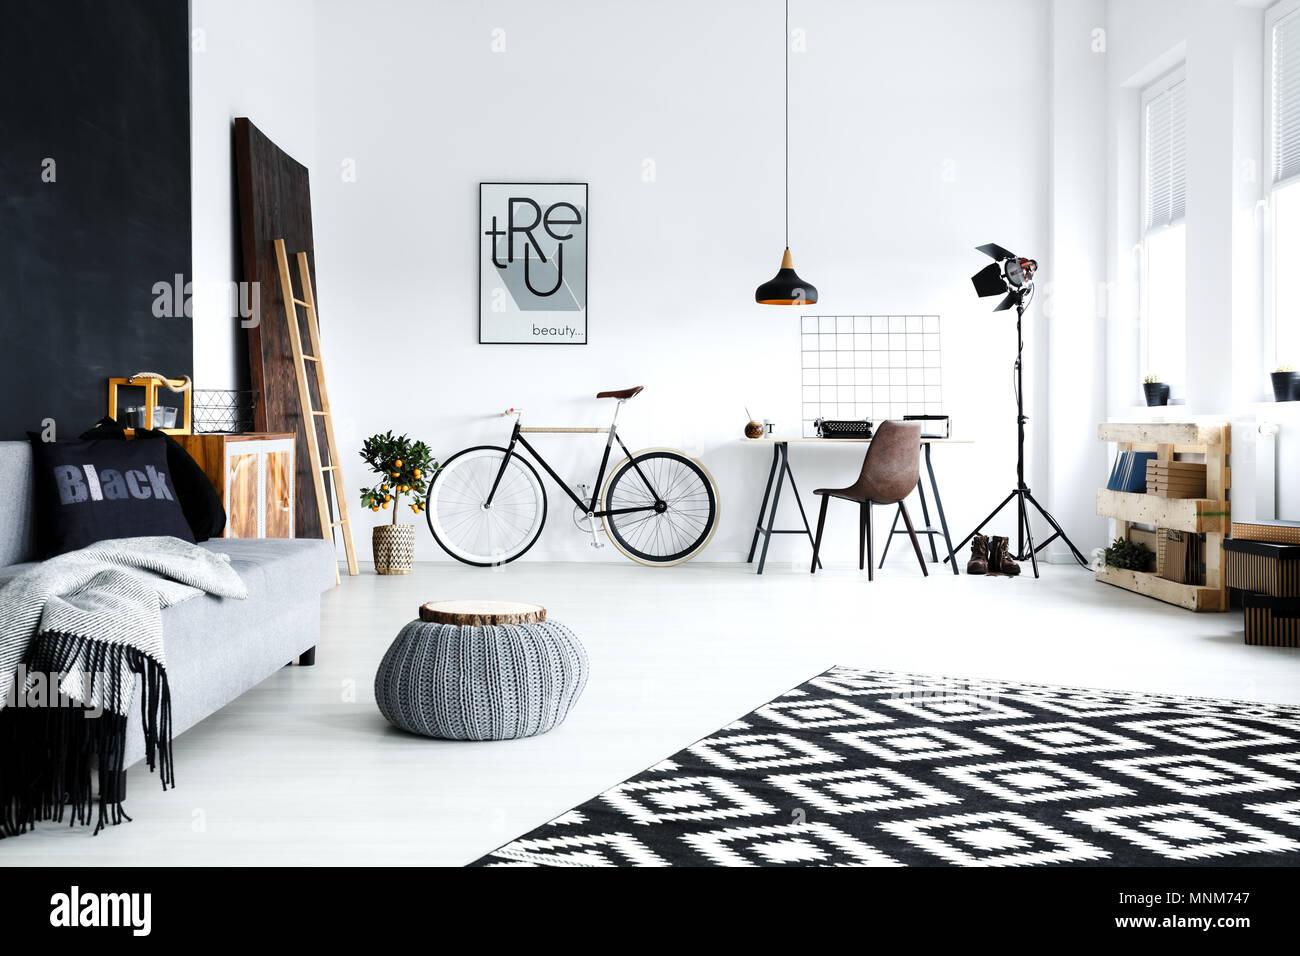 Plan öffnen, weiße Studio mit Sofa, Fahrrad, Pouf, Schreibtisch Stockbild